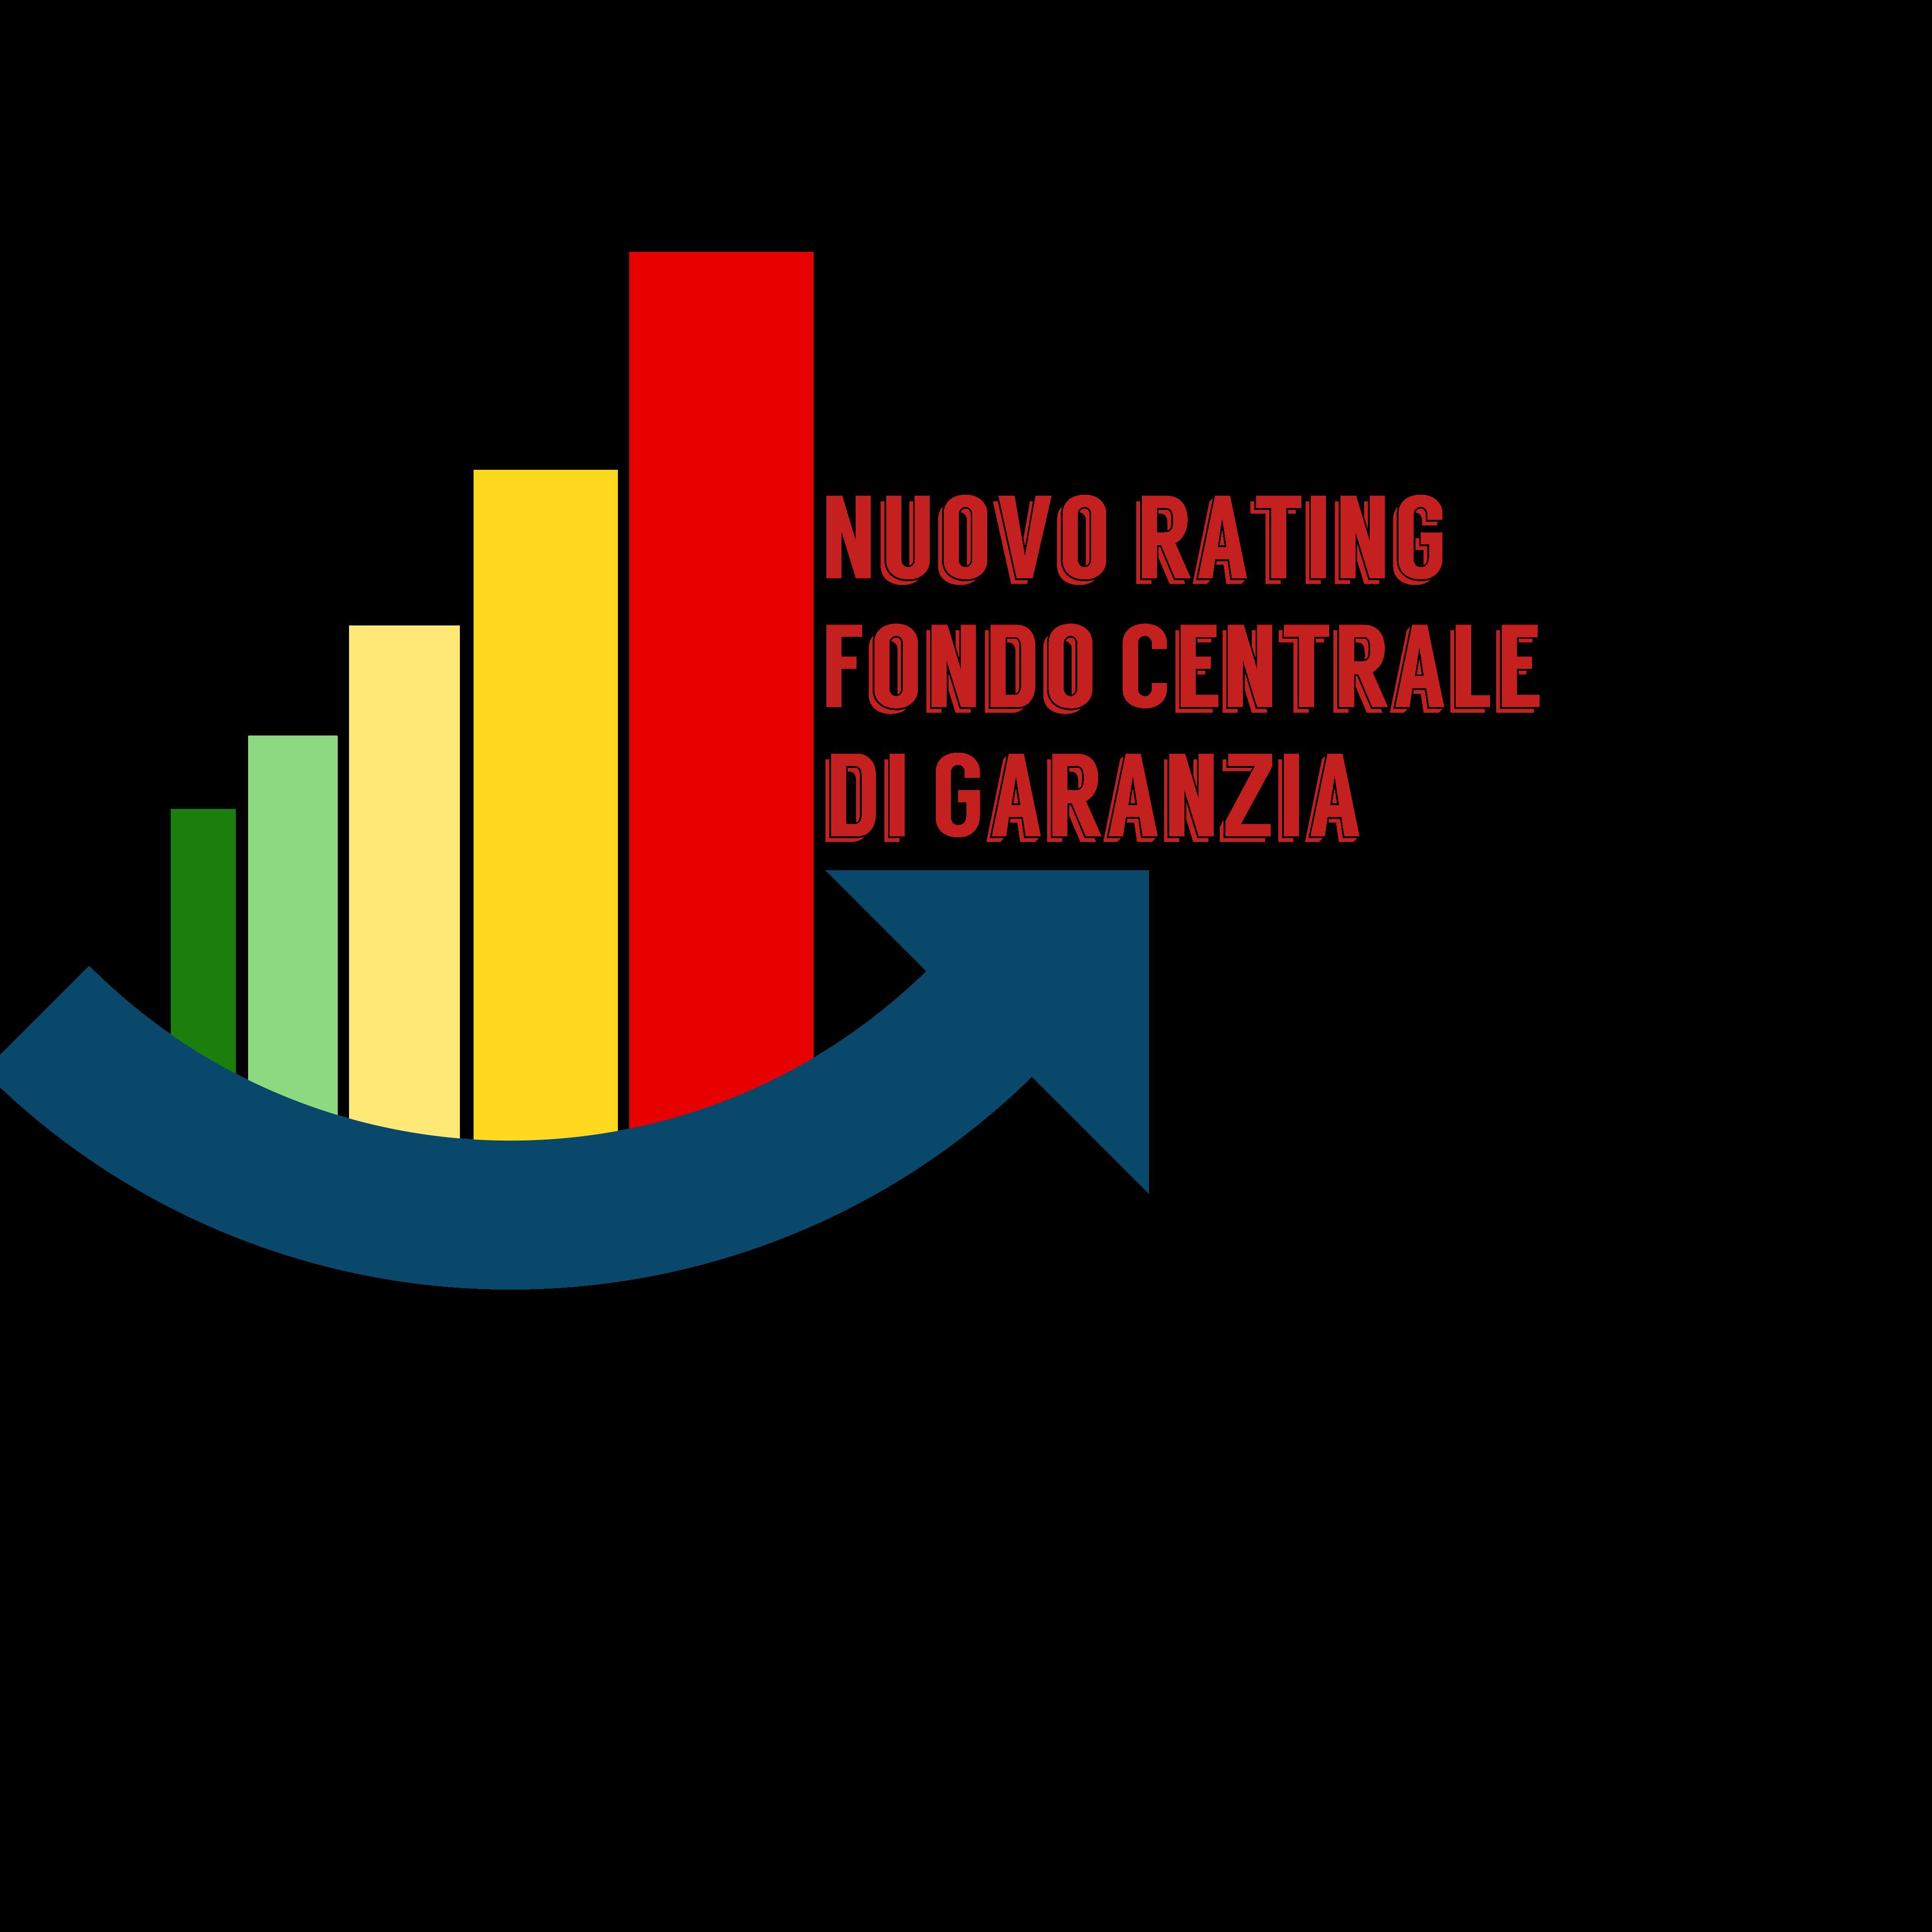 L'unico portale che offre il servizio di calcolo del Nuovo RATING del Fondo Centrale di Garanzia